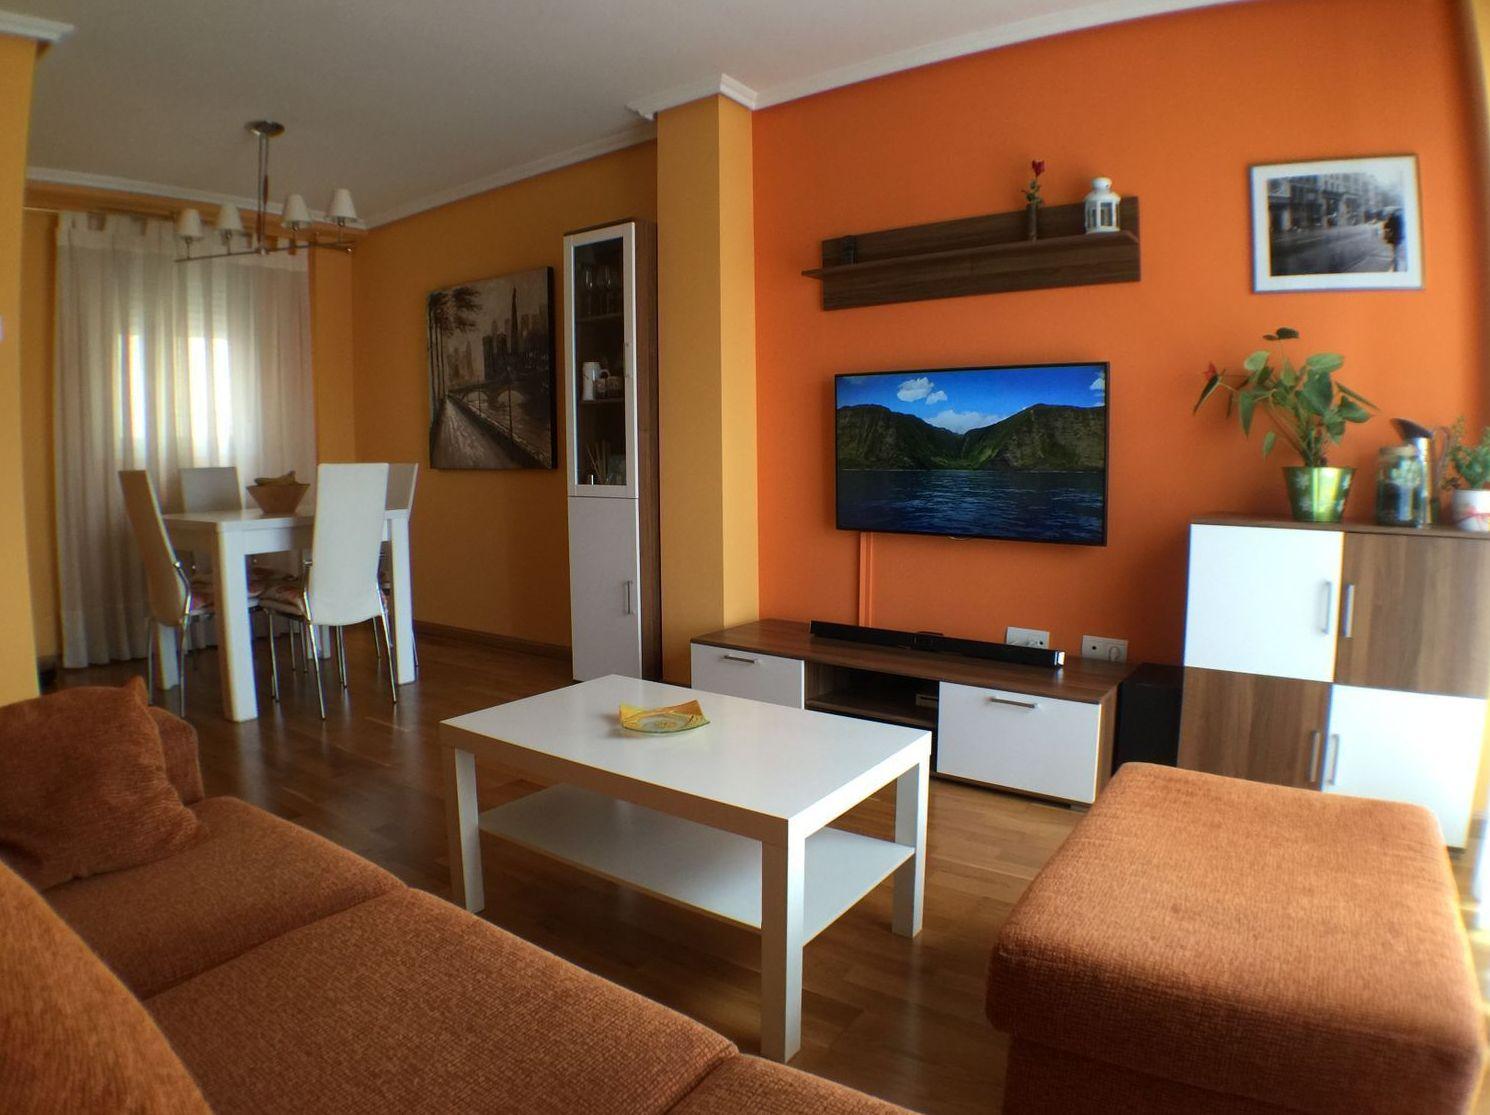 calle Tomas Bretón nº 10 2 dormitorios amueblado, con garaje incluido